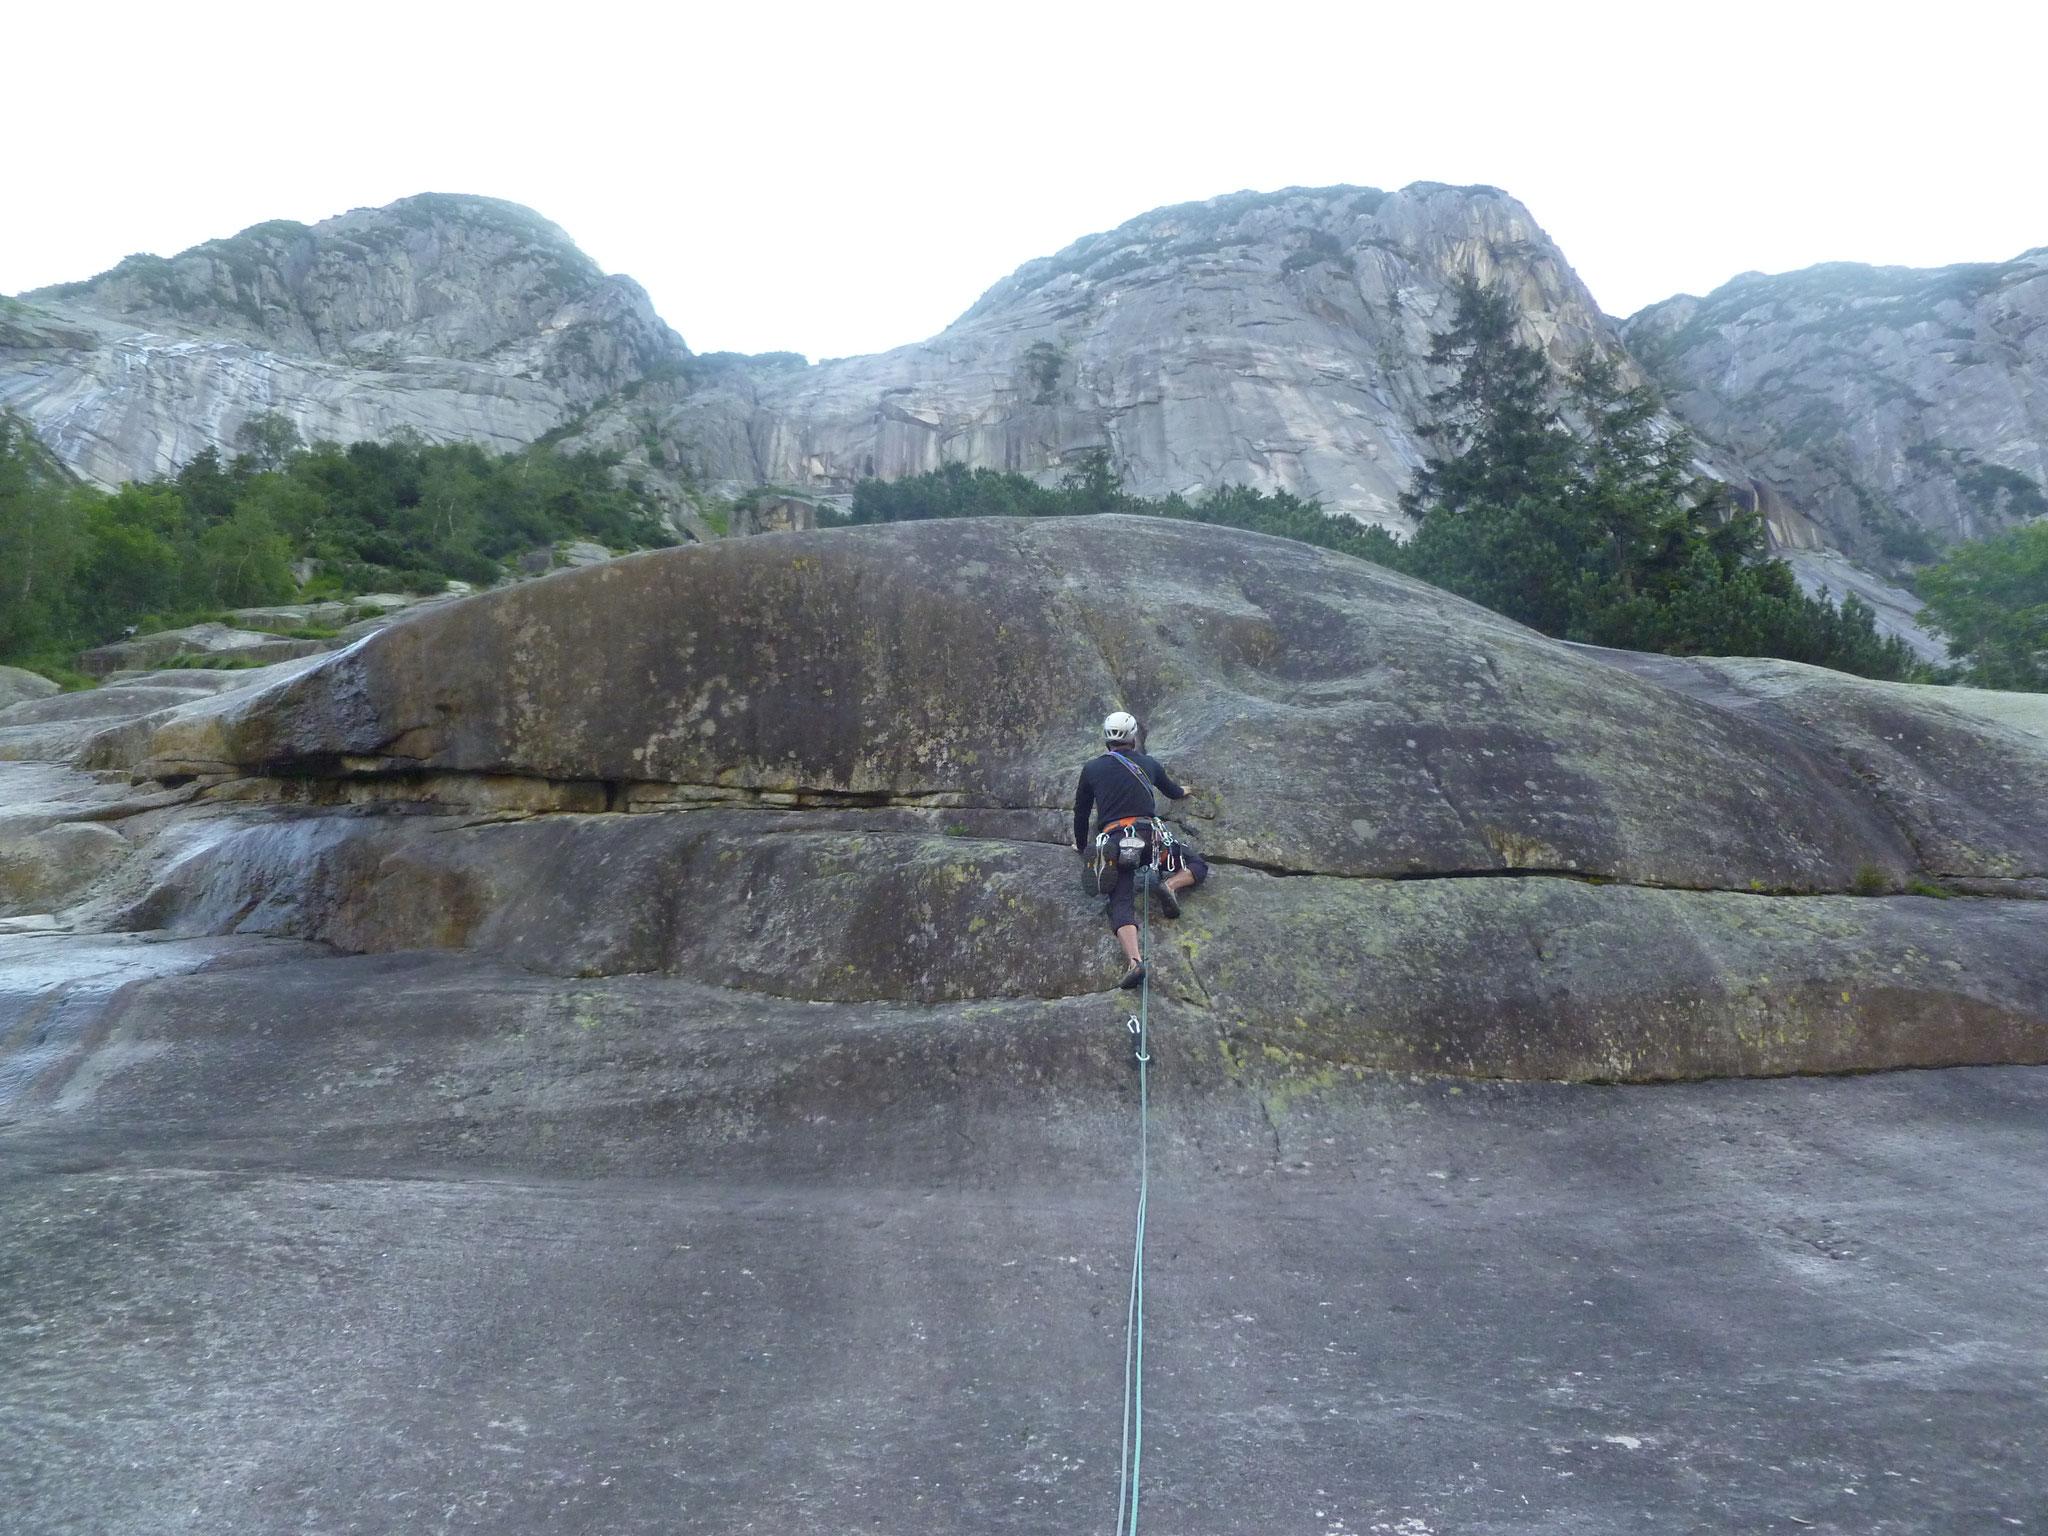 Die kurze Kletterpassage in der zweiten Länge